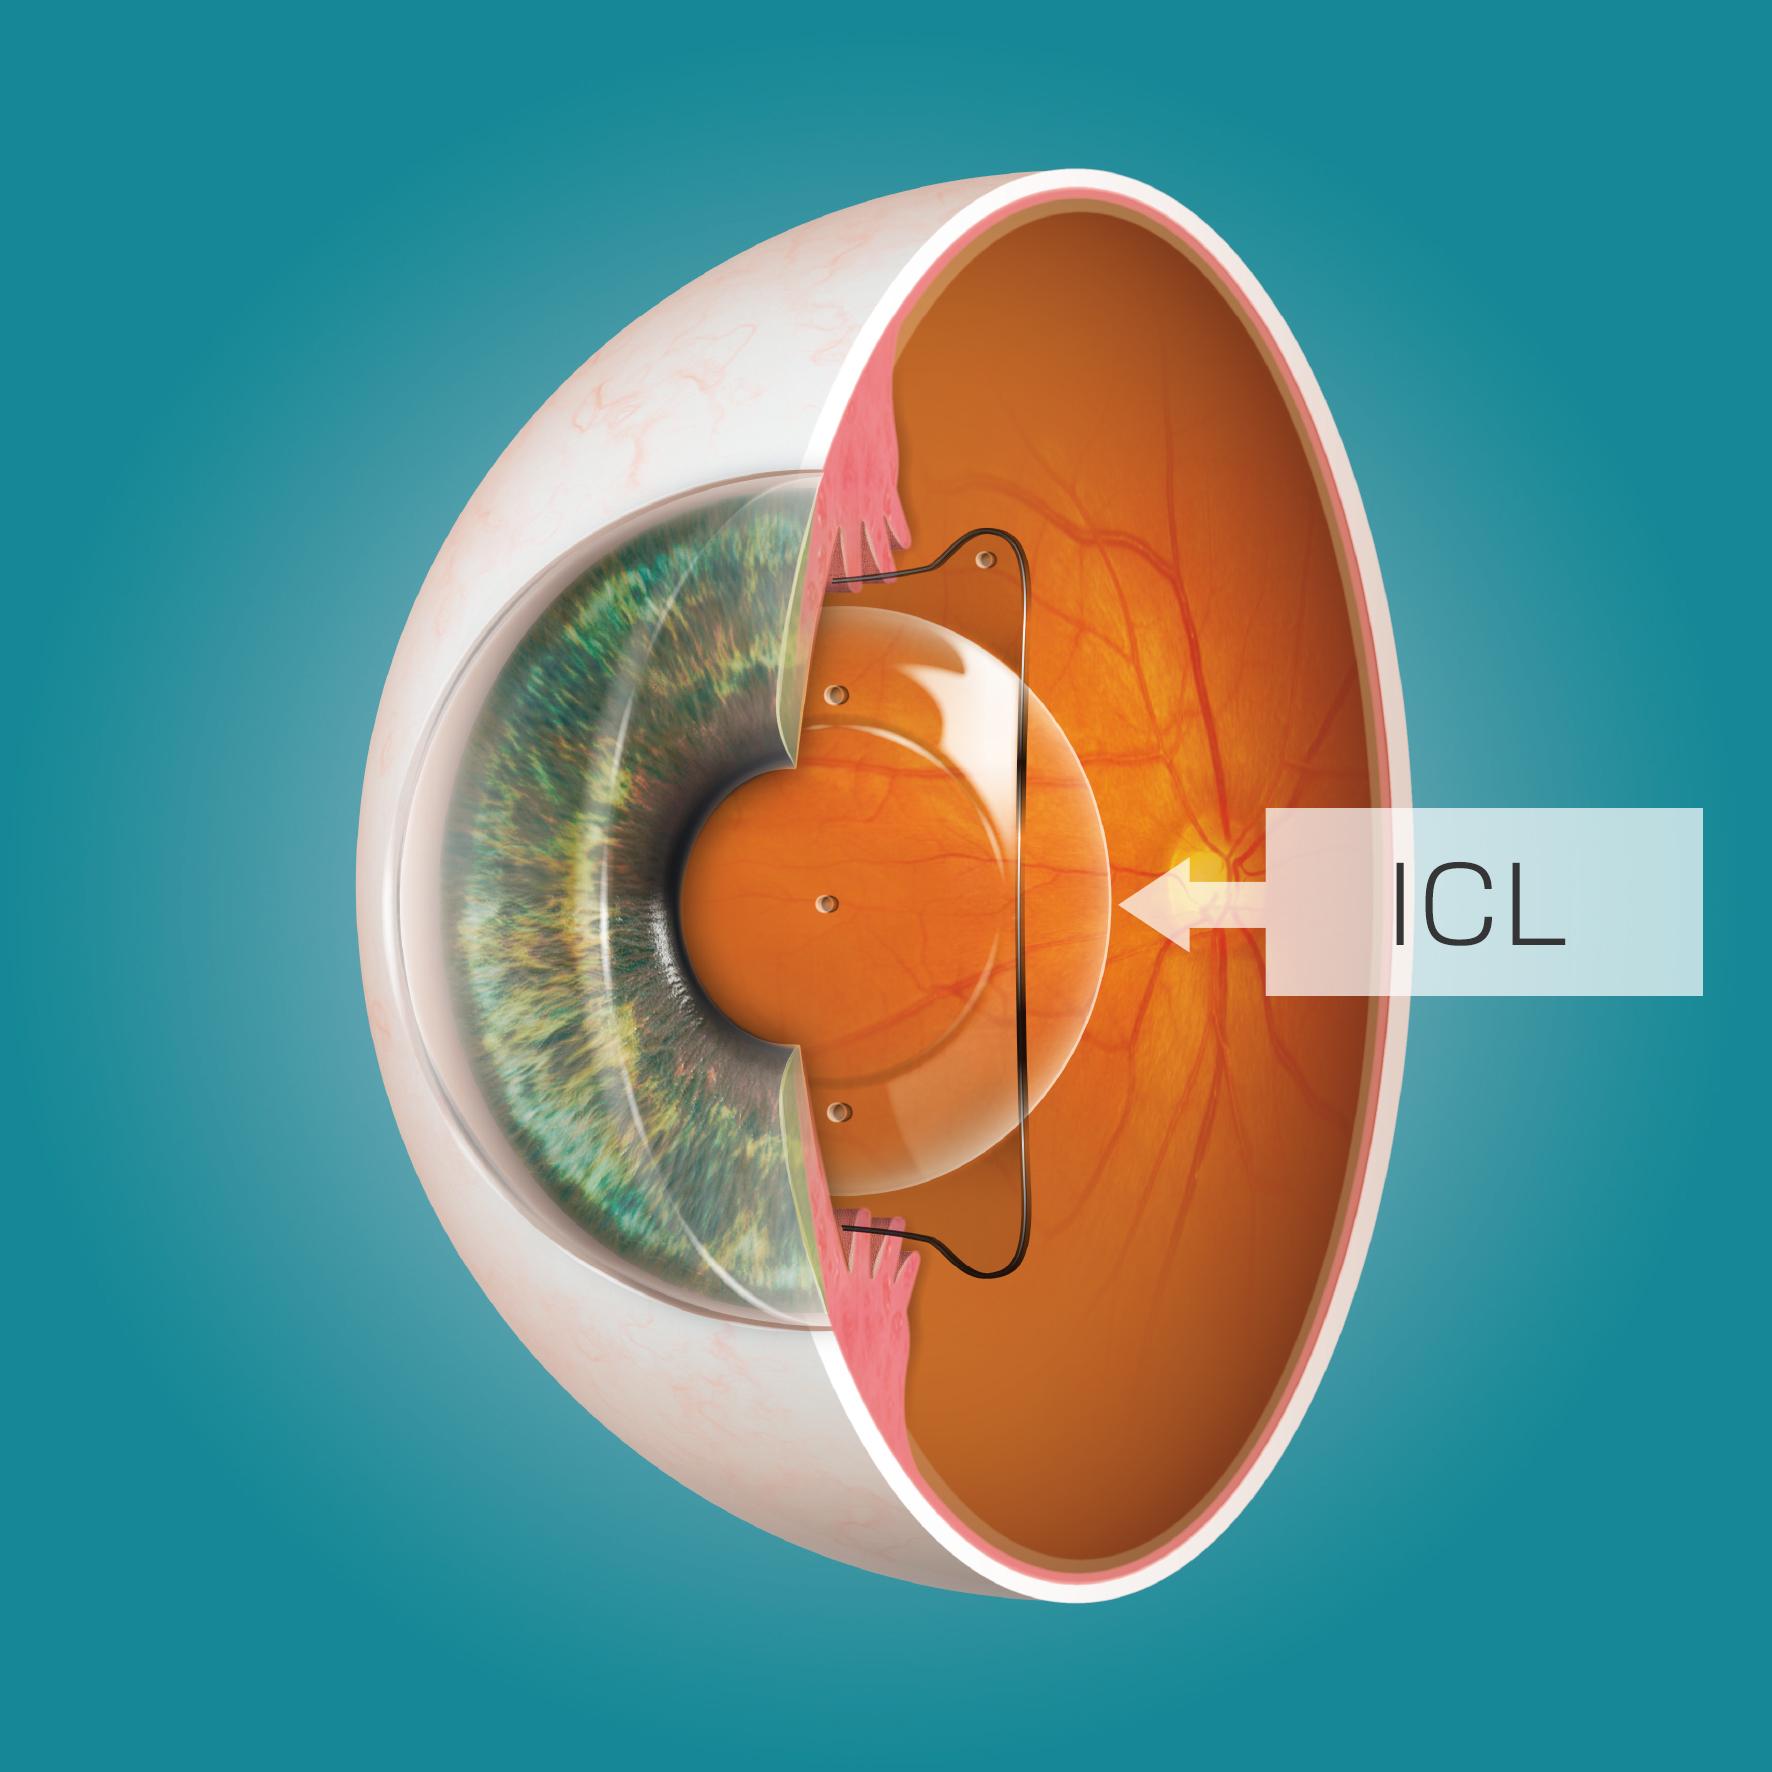 眼内コンタクトレンズ(ICL)